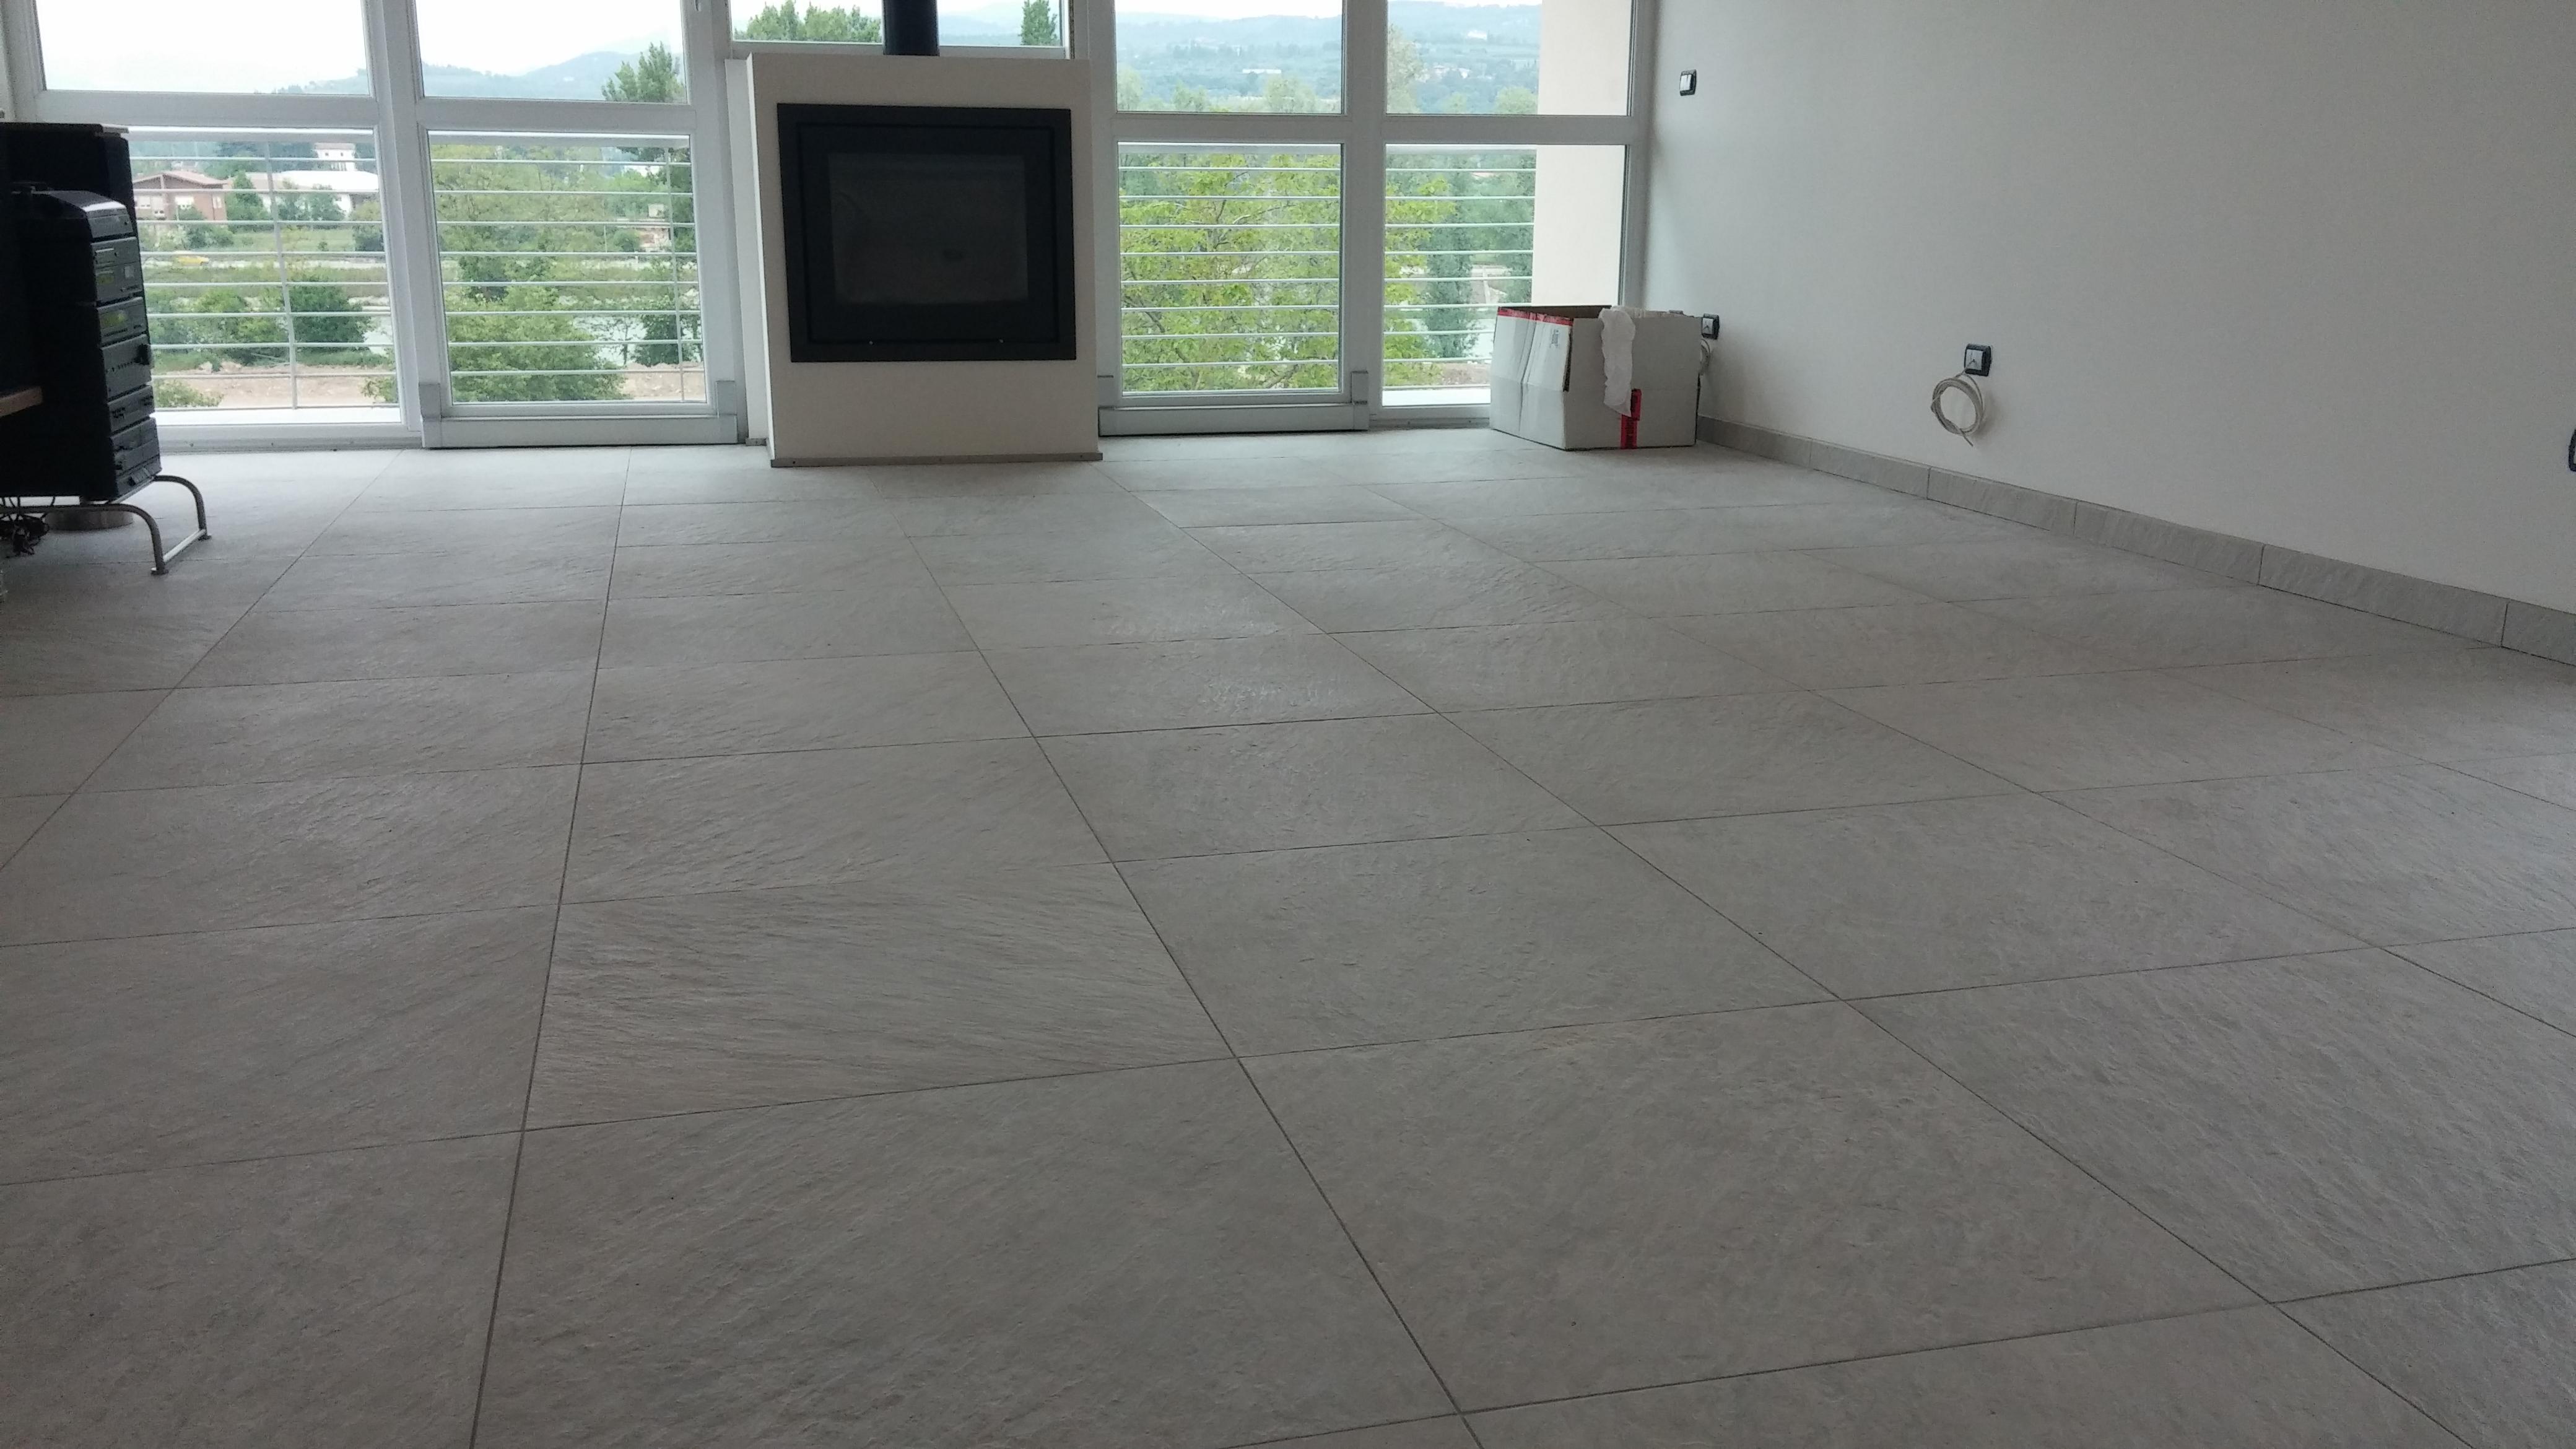 Pavimenti gres porcellanato effetto pietra tutte le - Pavimenti gres porcellanato ...